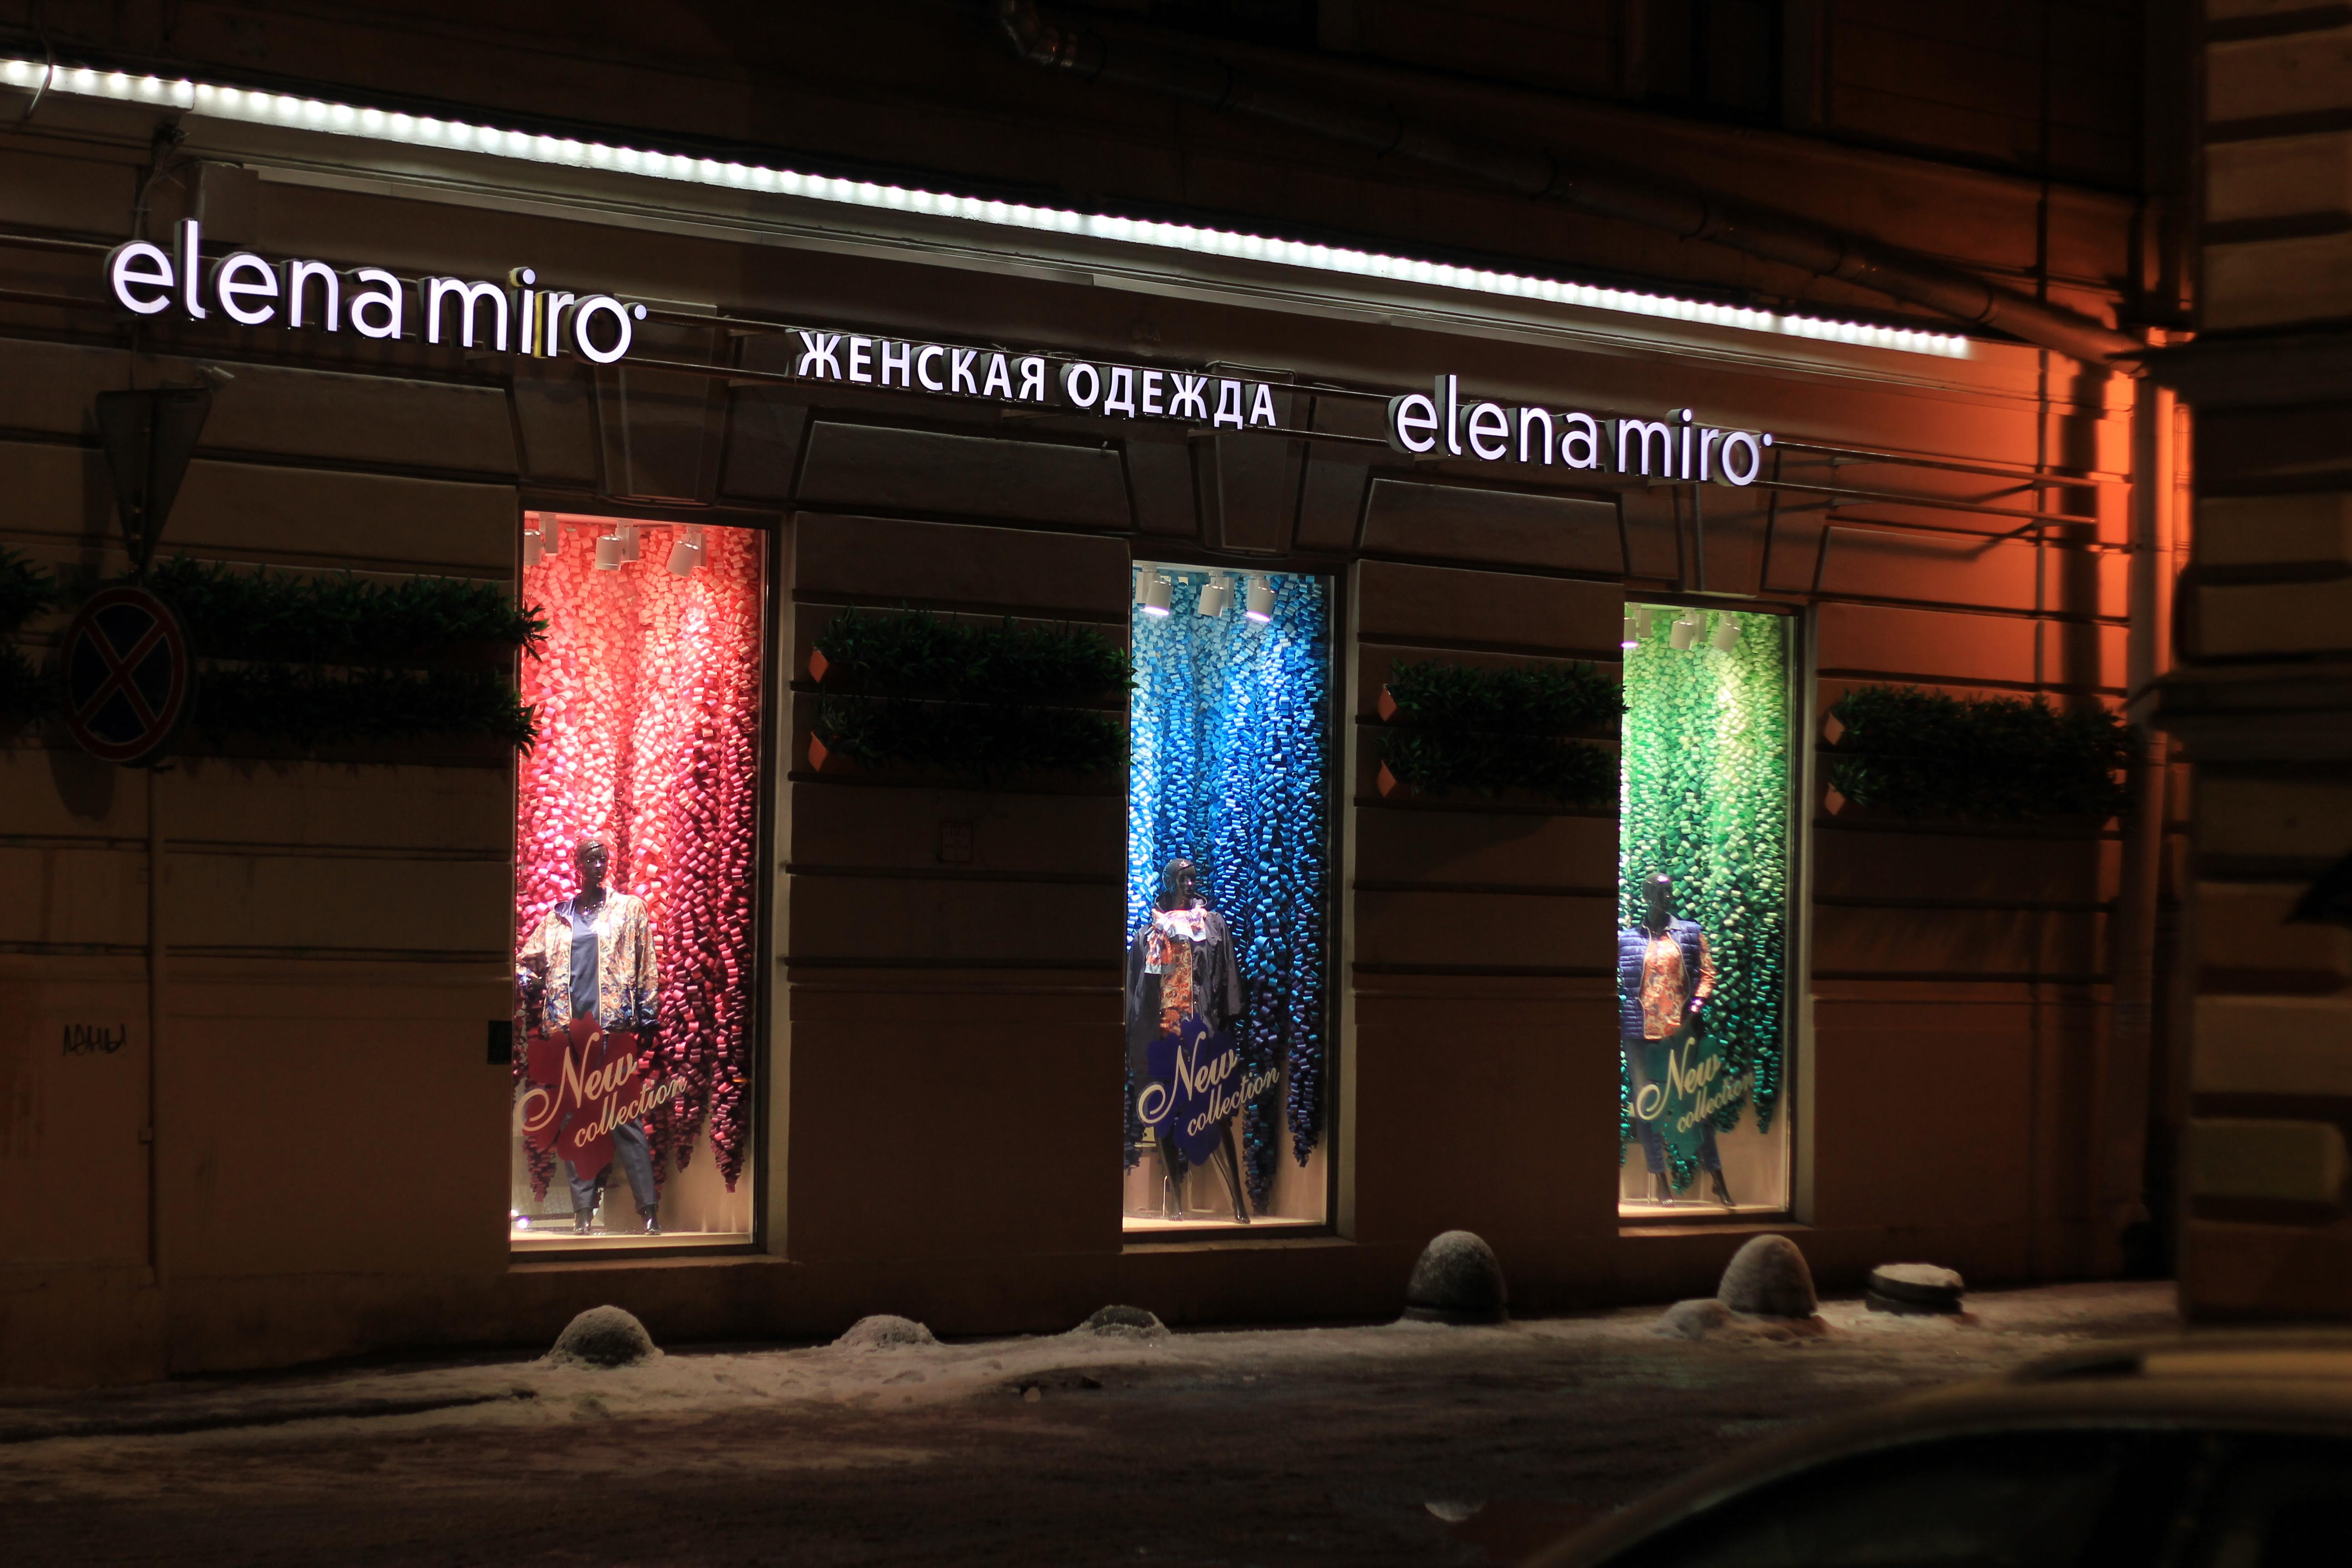 Бумажные гирлянды для Elena Miro